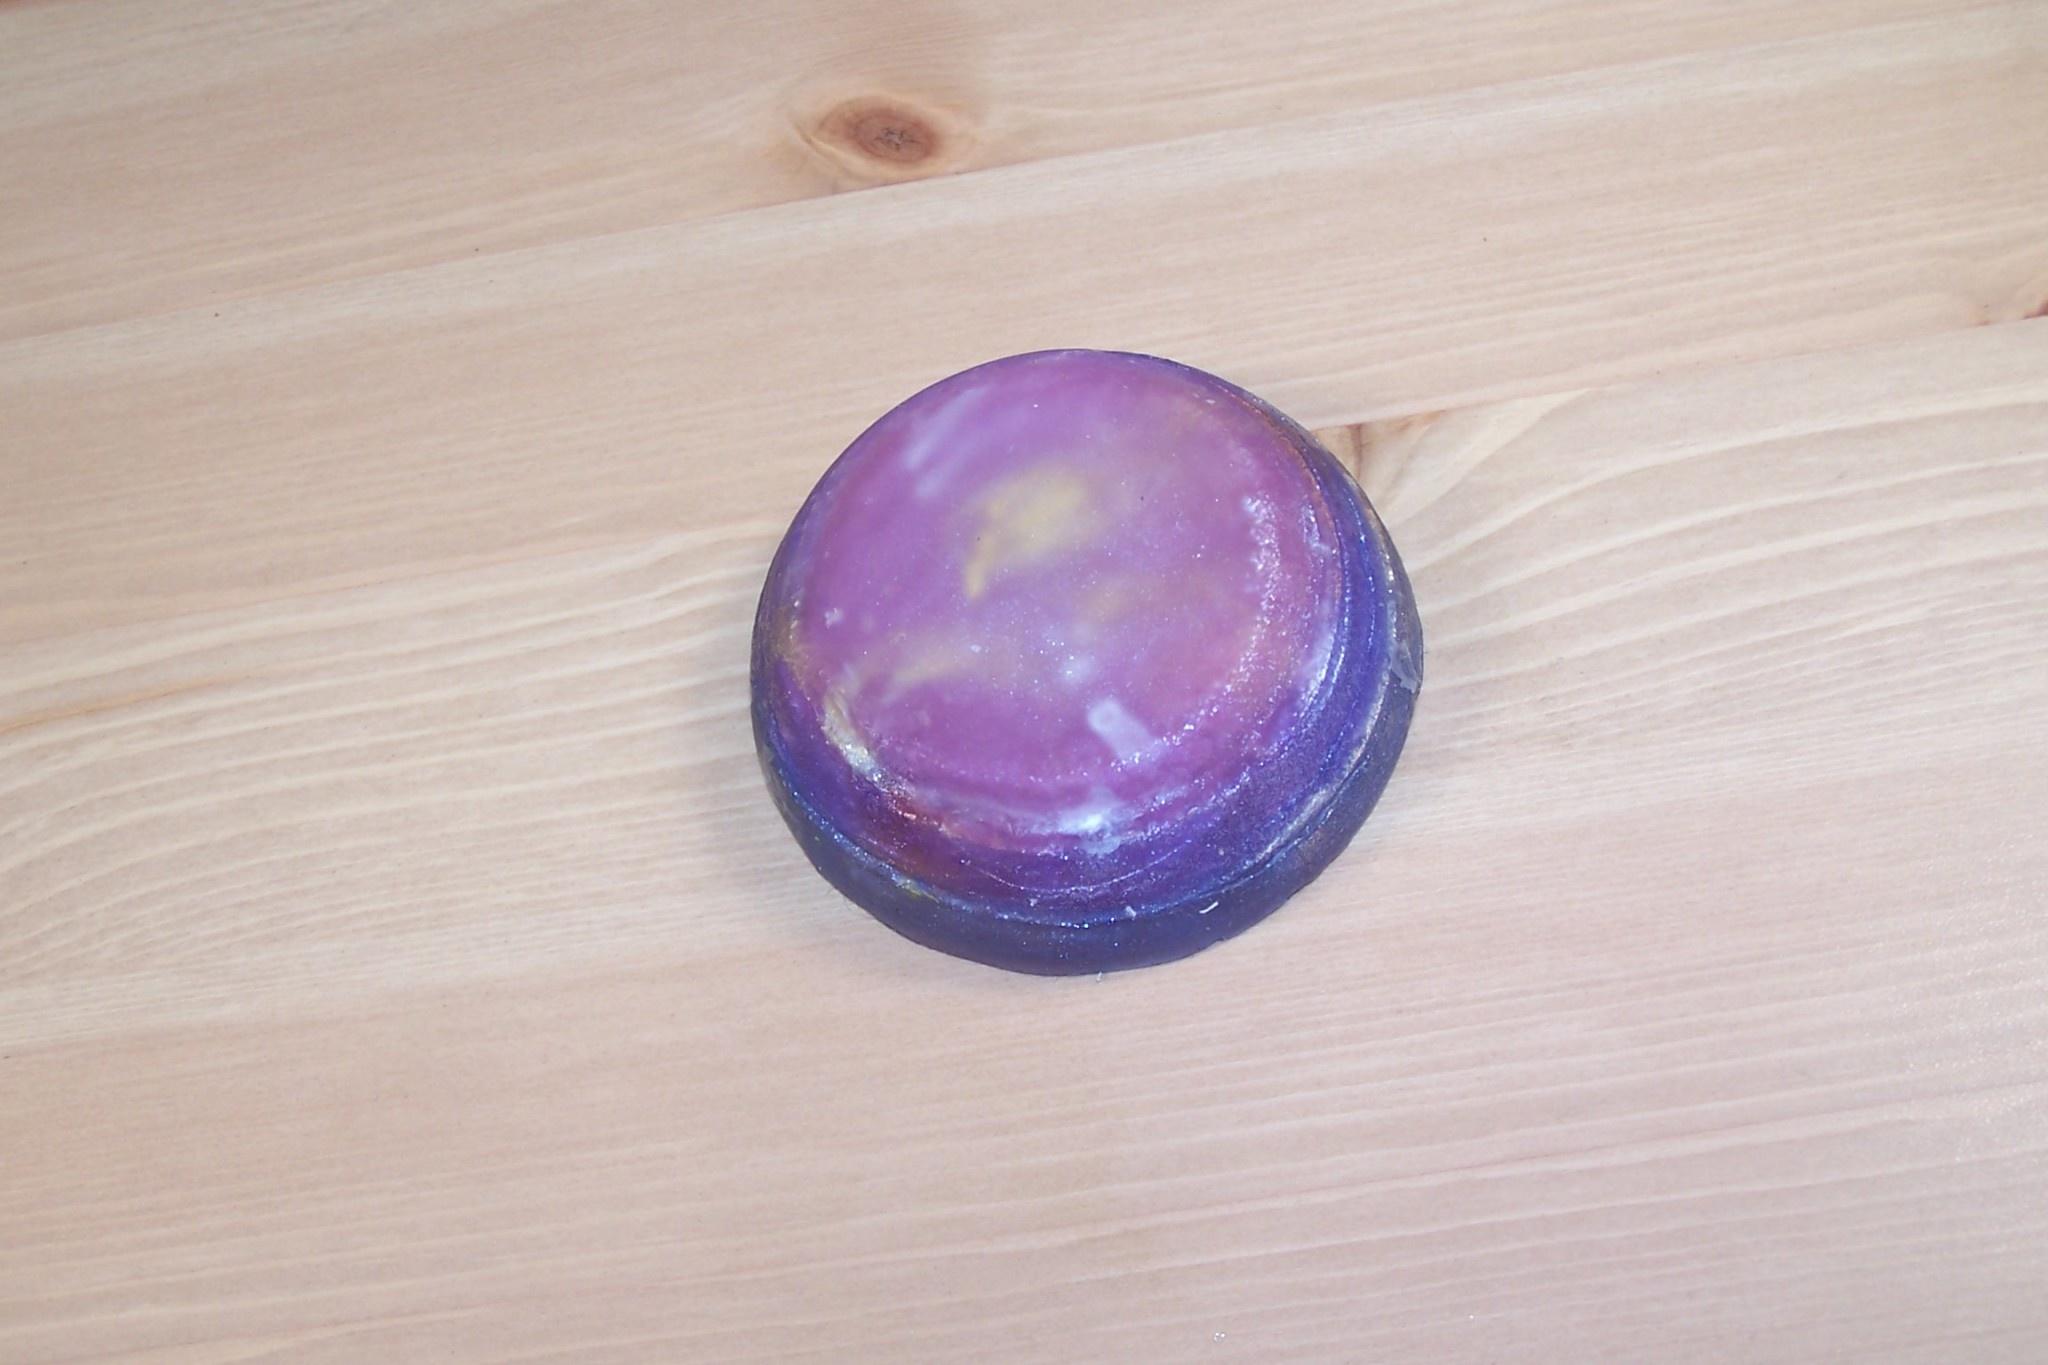 Nebula/Galaxy Soap